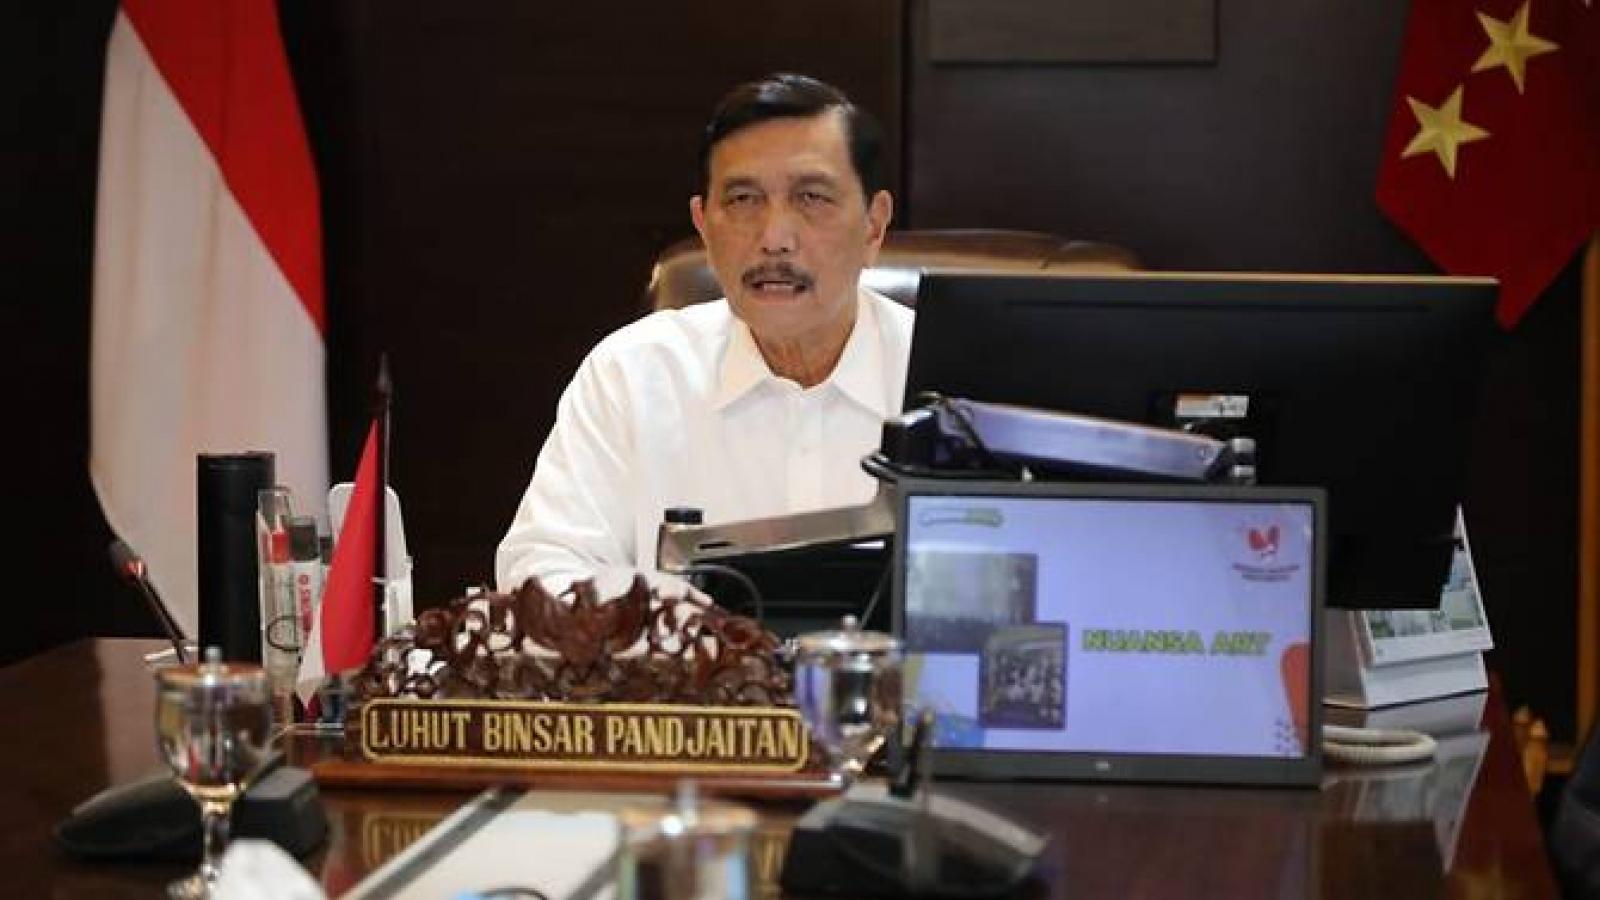 Dịch Covid-19 diễn biến phức tạp, Indonesia lên kế hoạch tiêm chủng 2,5 triệu mũi /ngày